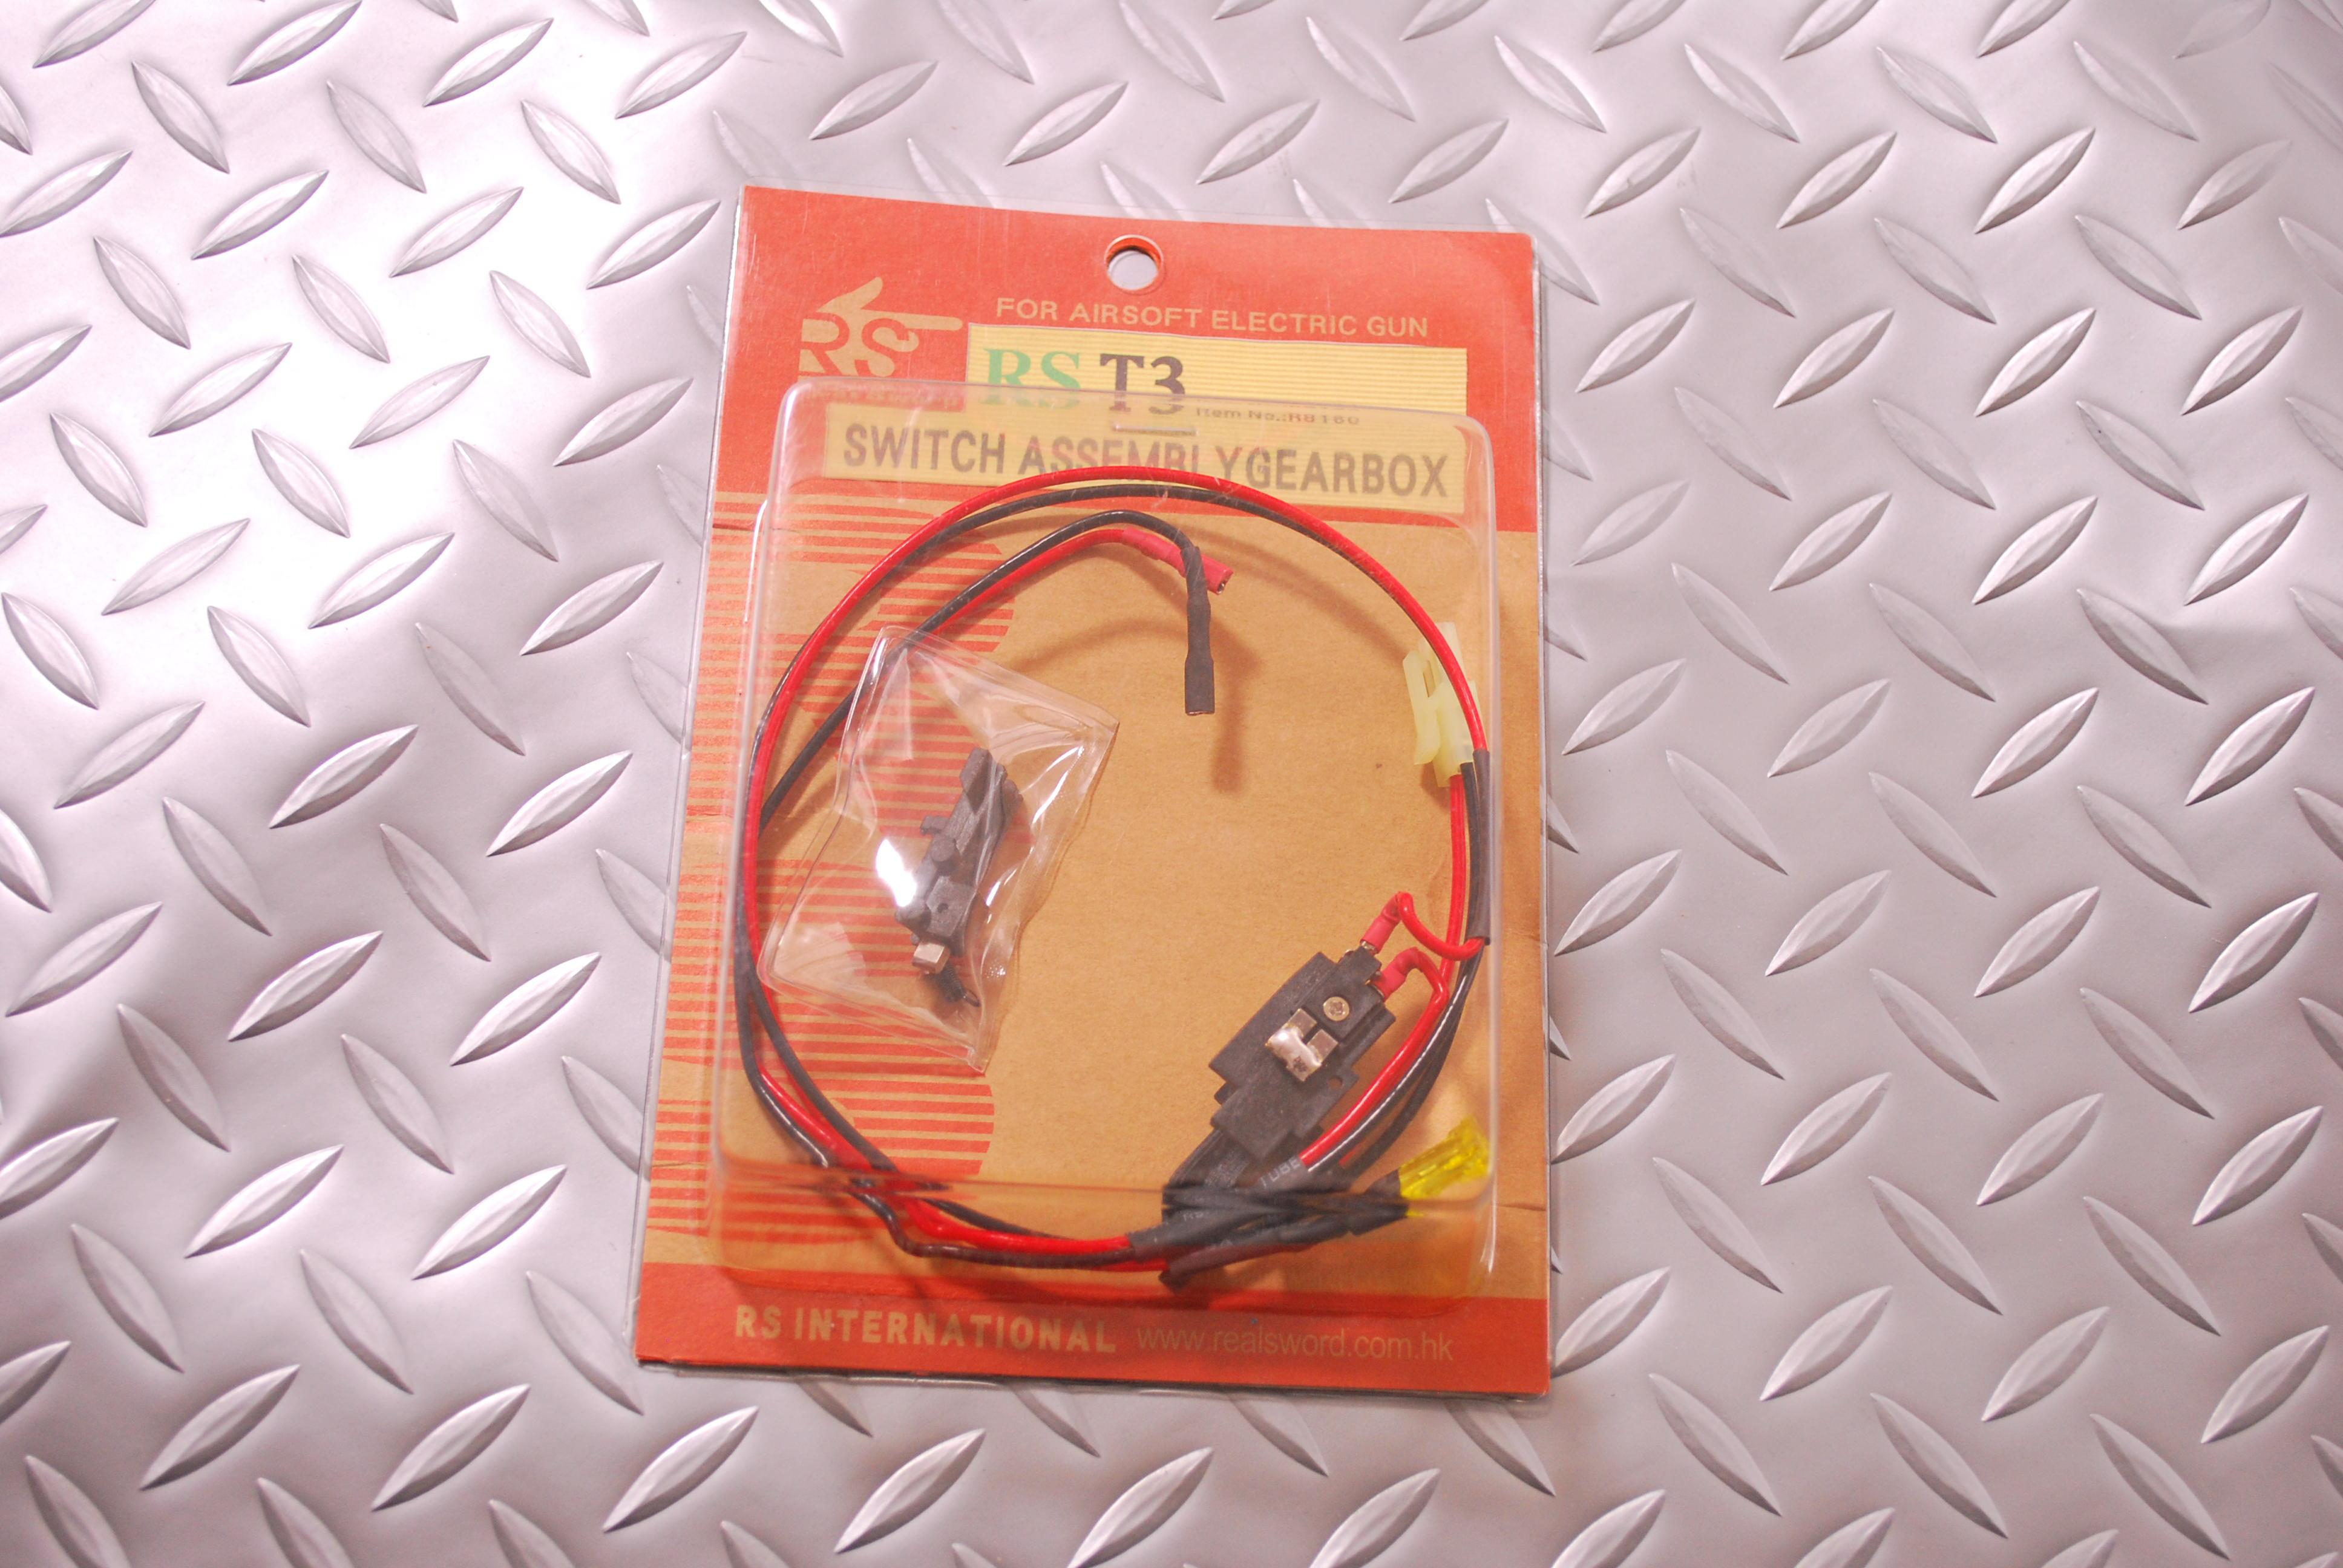 RSリアルソード 電動T3タイプ56式系用スイッチアッセンブリー